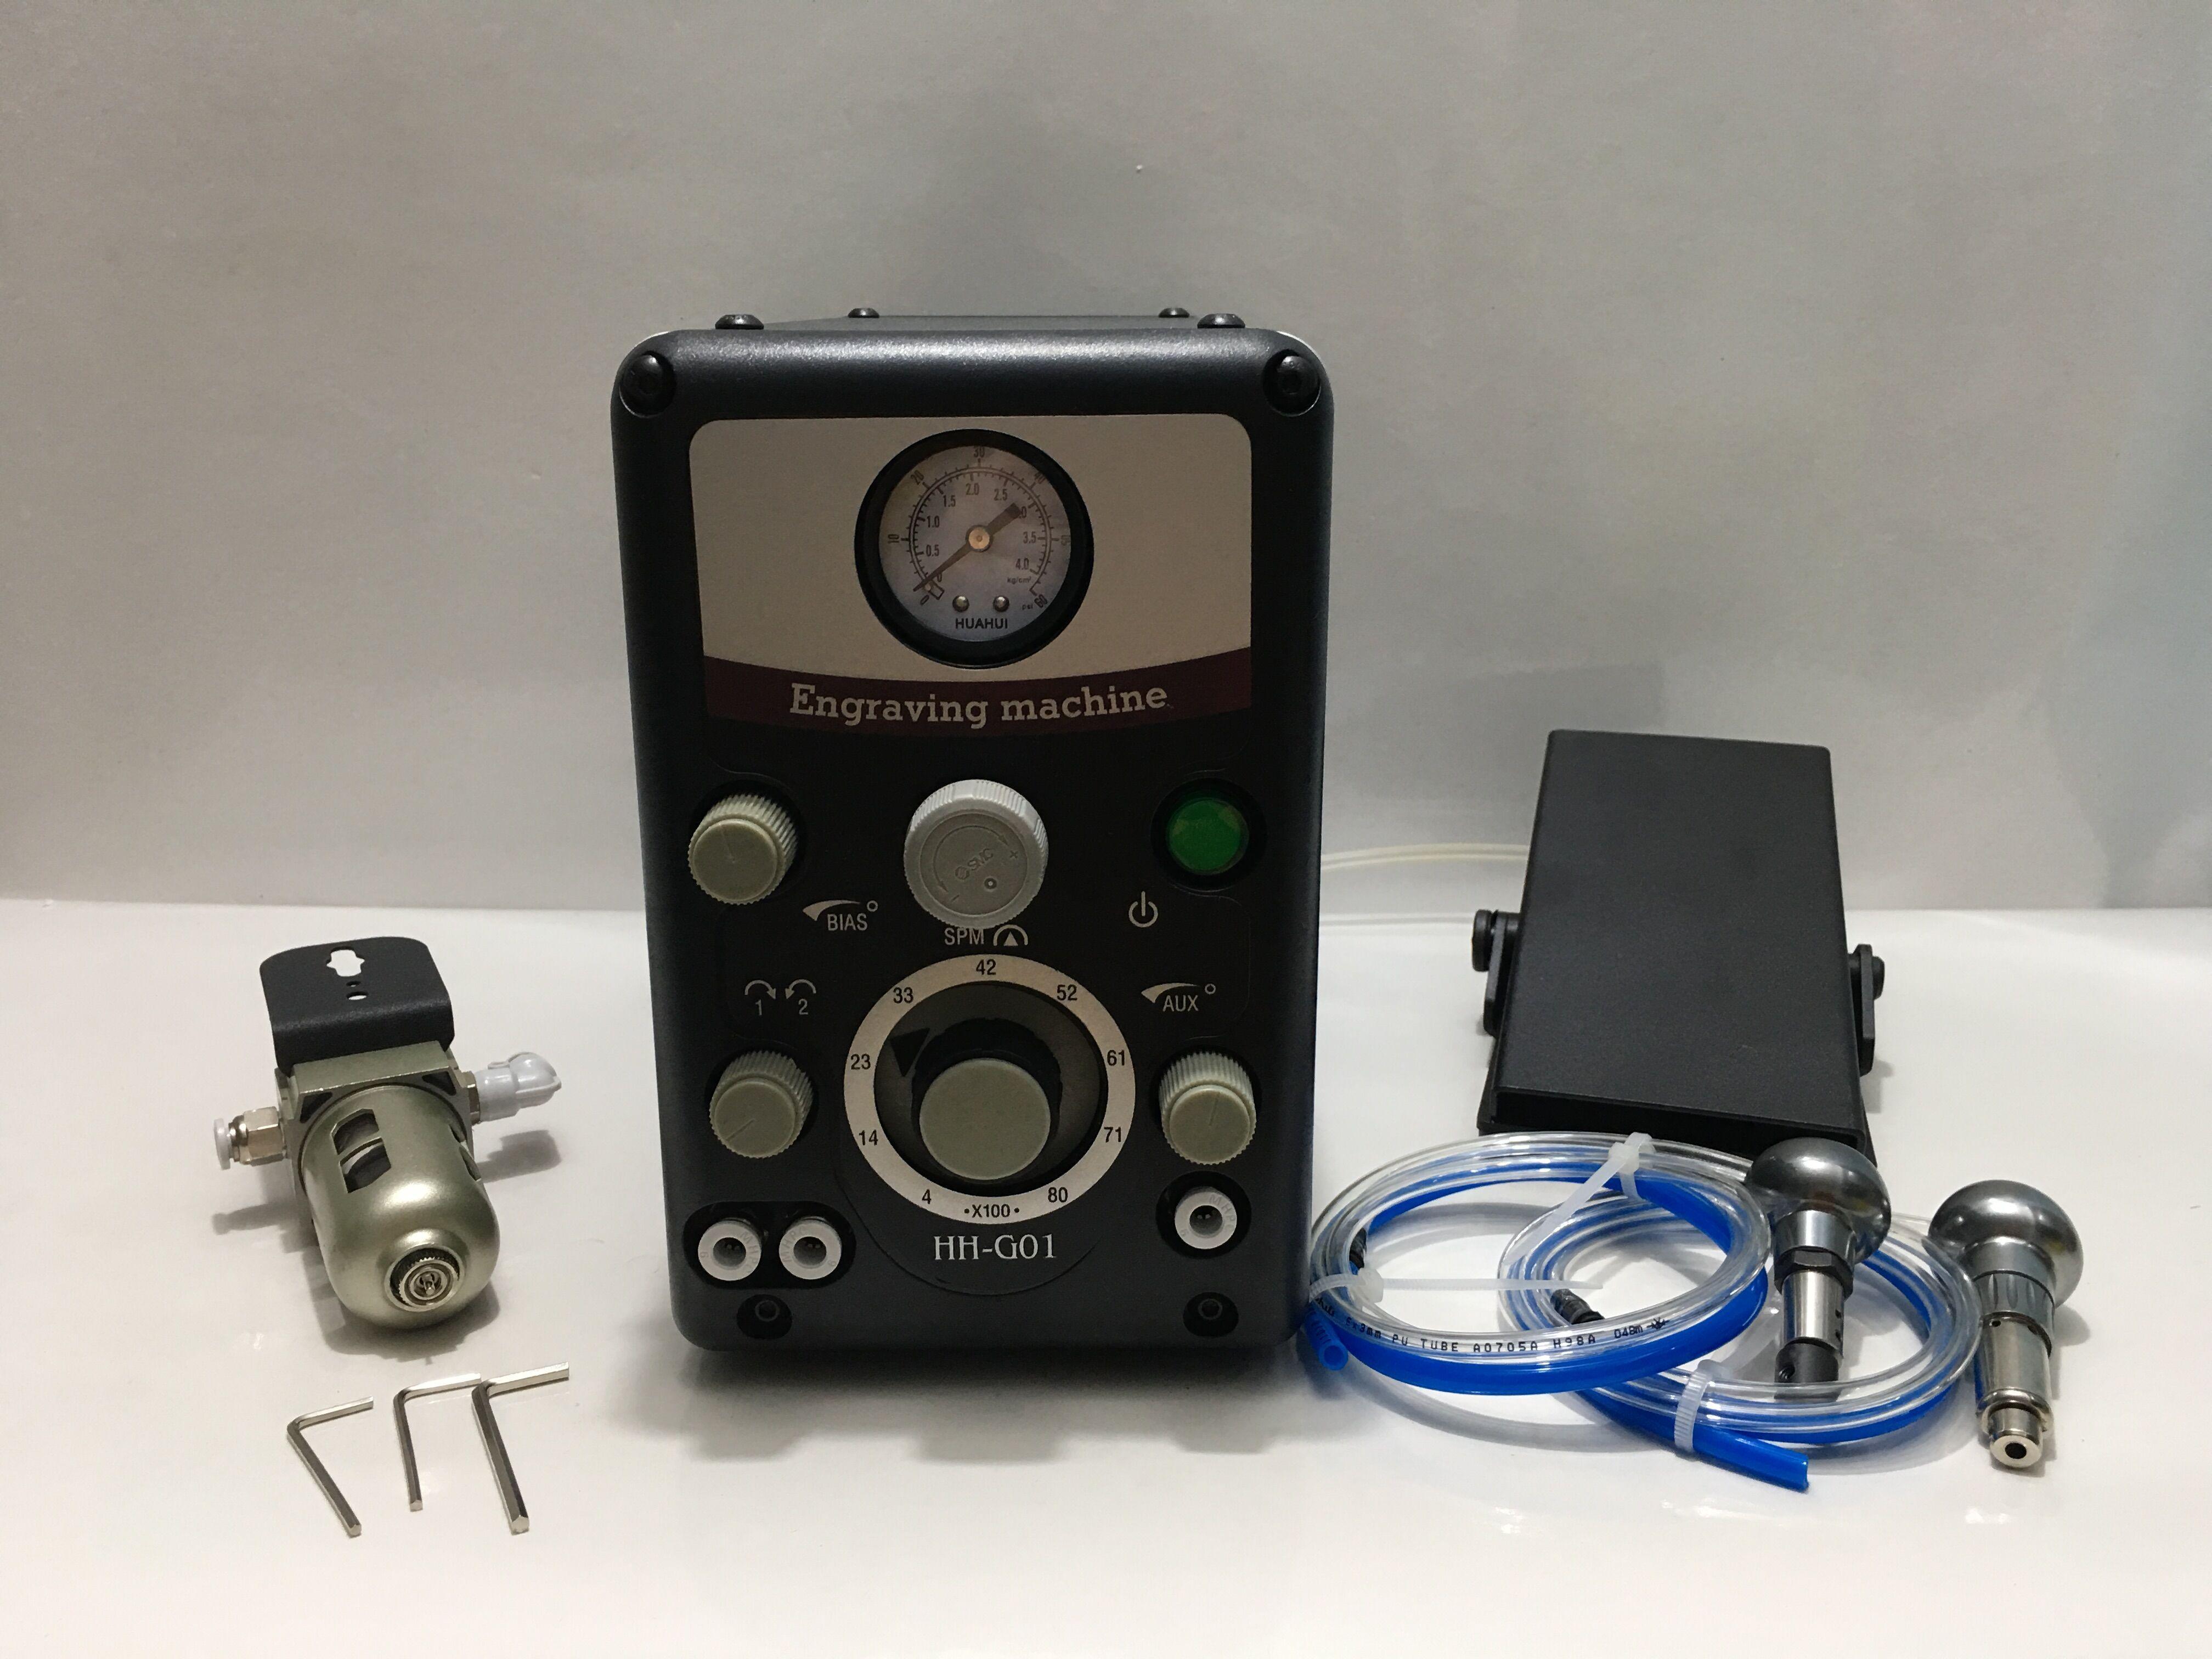 Neue Typ 0-8000 hübe/min Pneumatische Gravur Werkzeuge Schmuck Gravur maschine Stichel maschine Bewertet 4,7/5 b